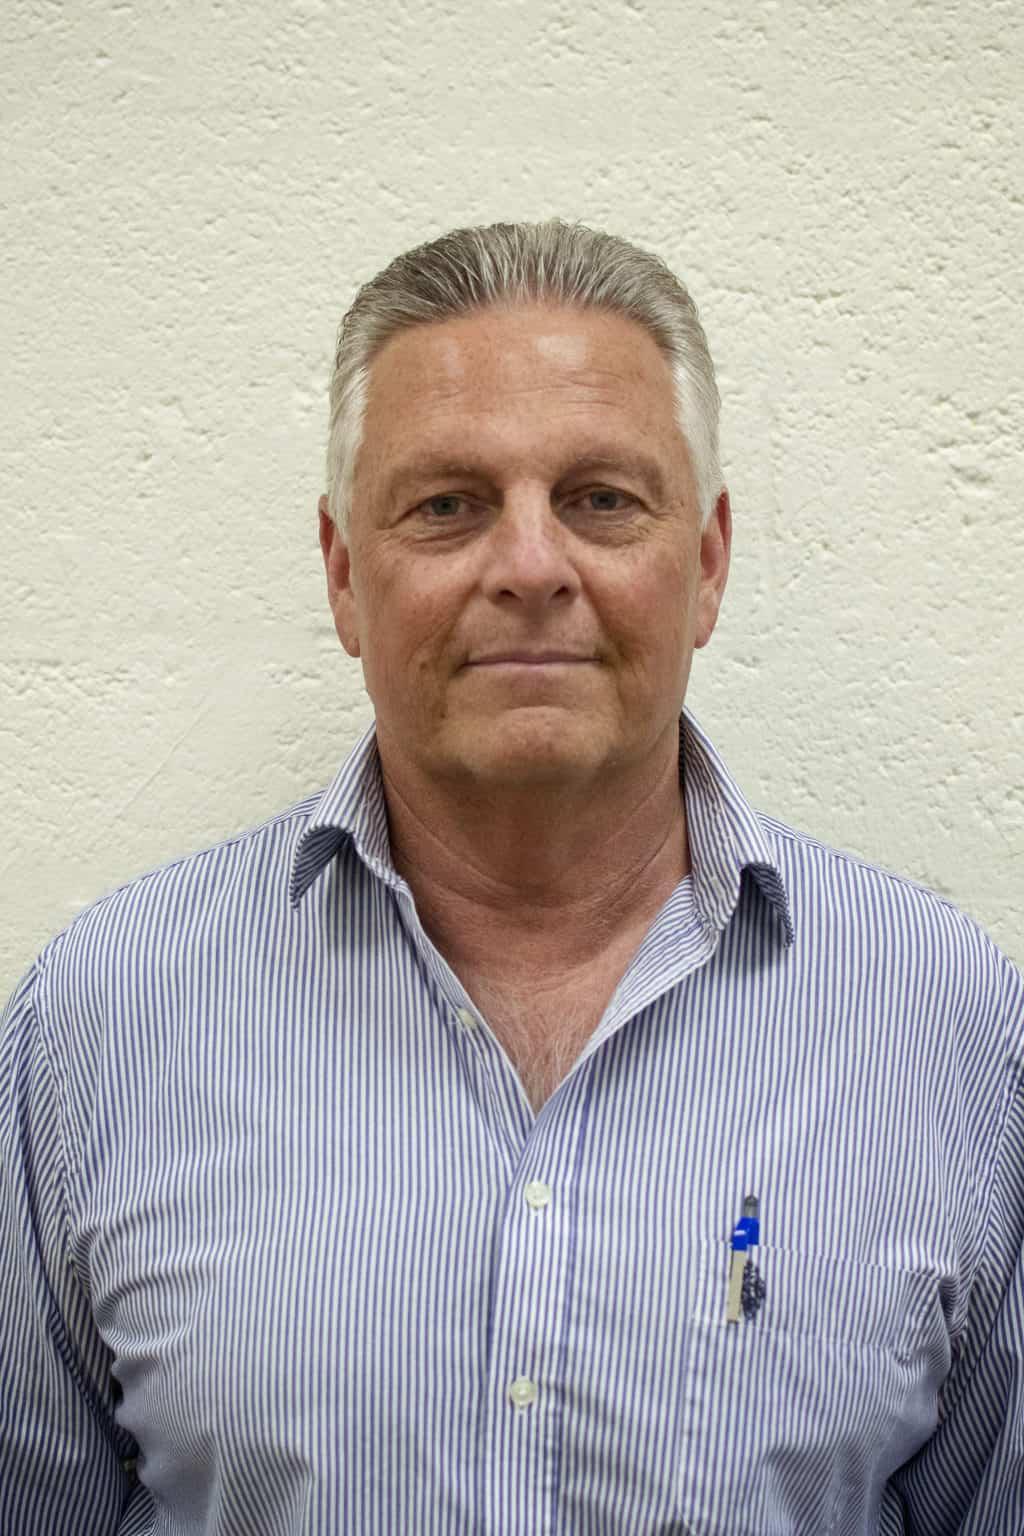 Roger Muehlfeld